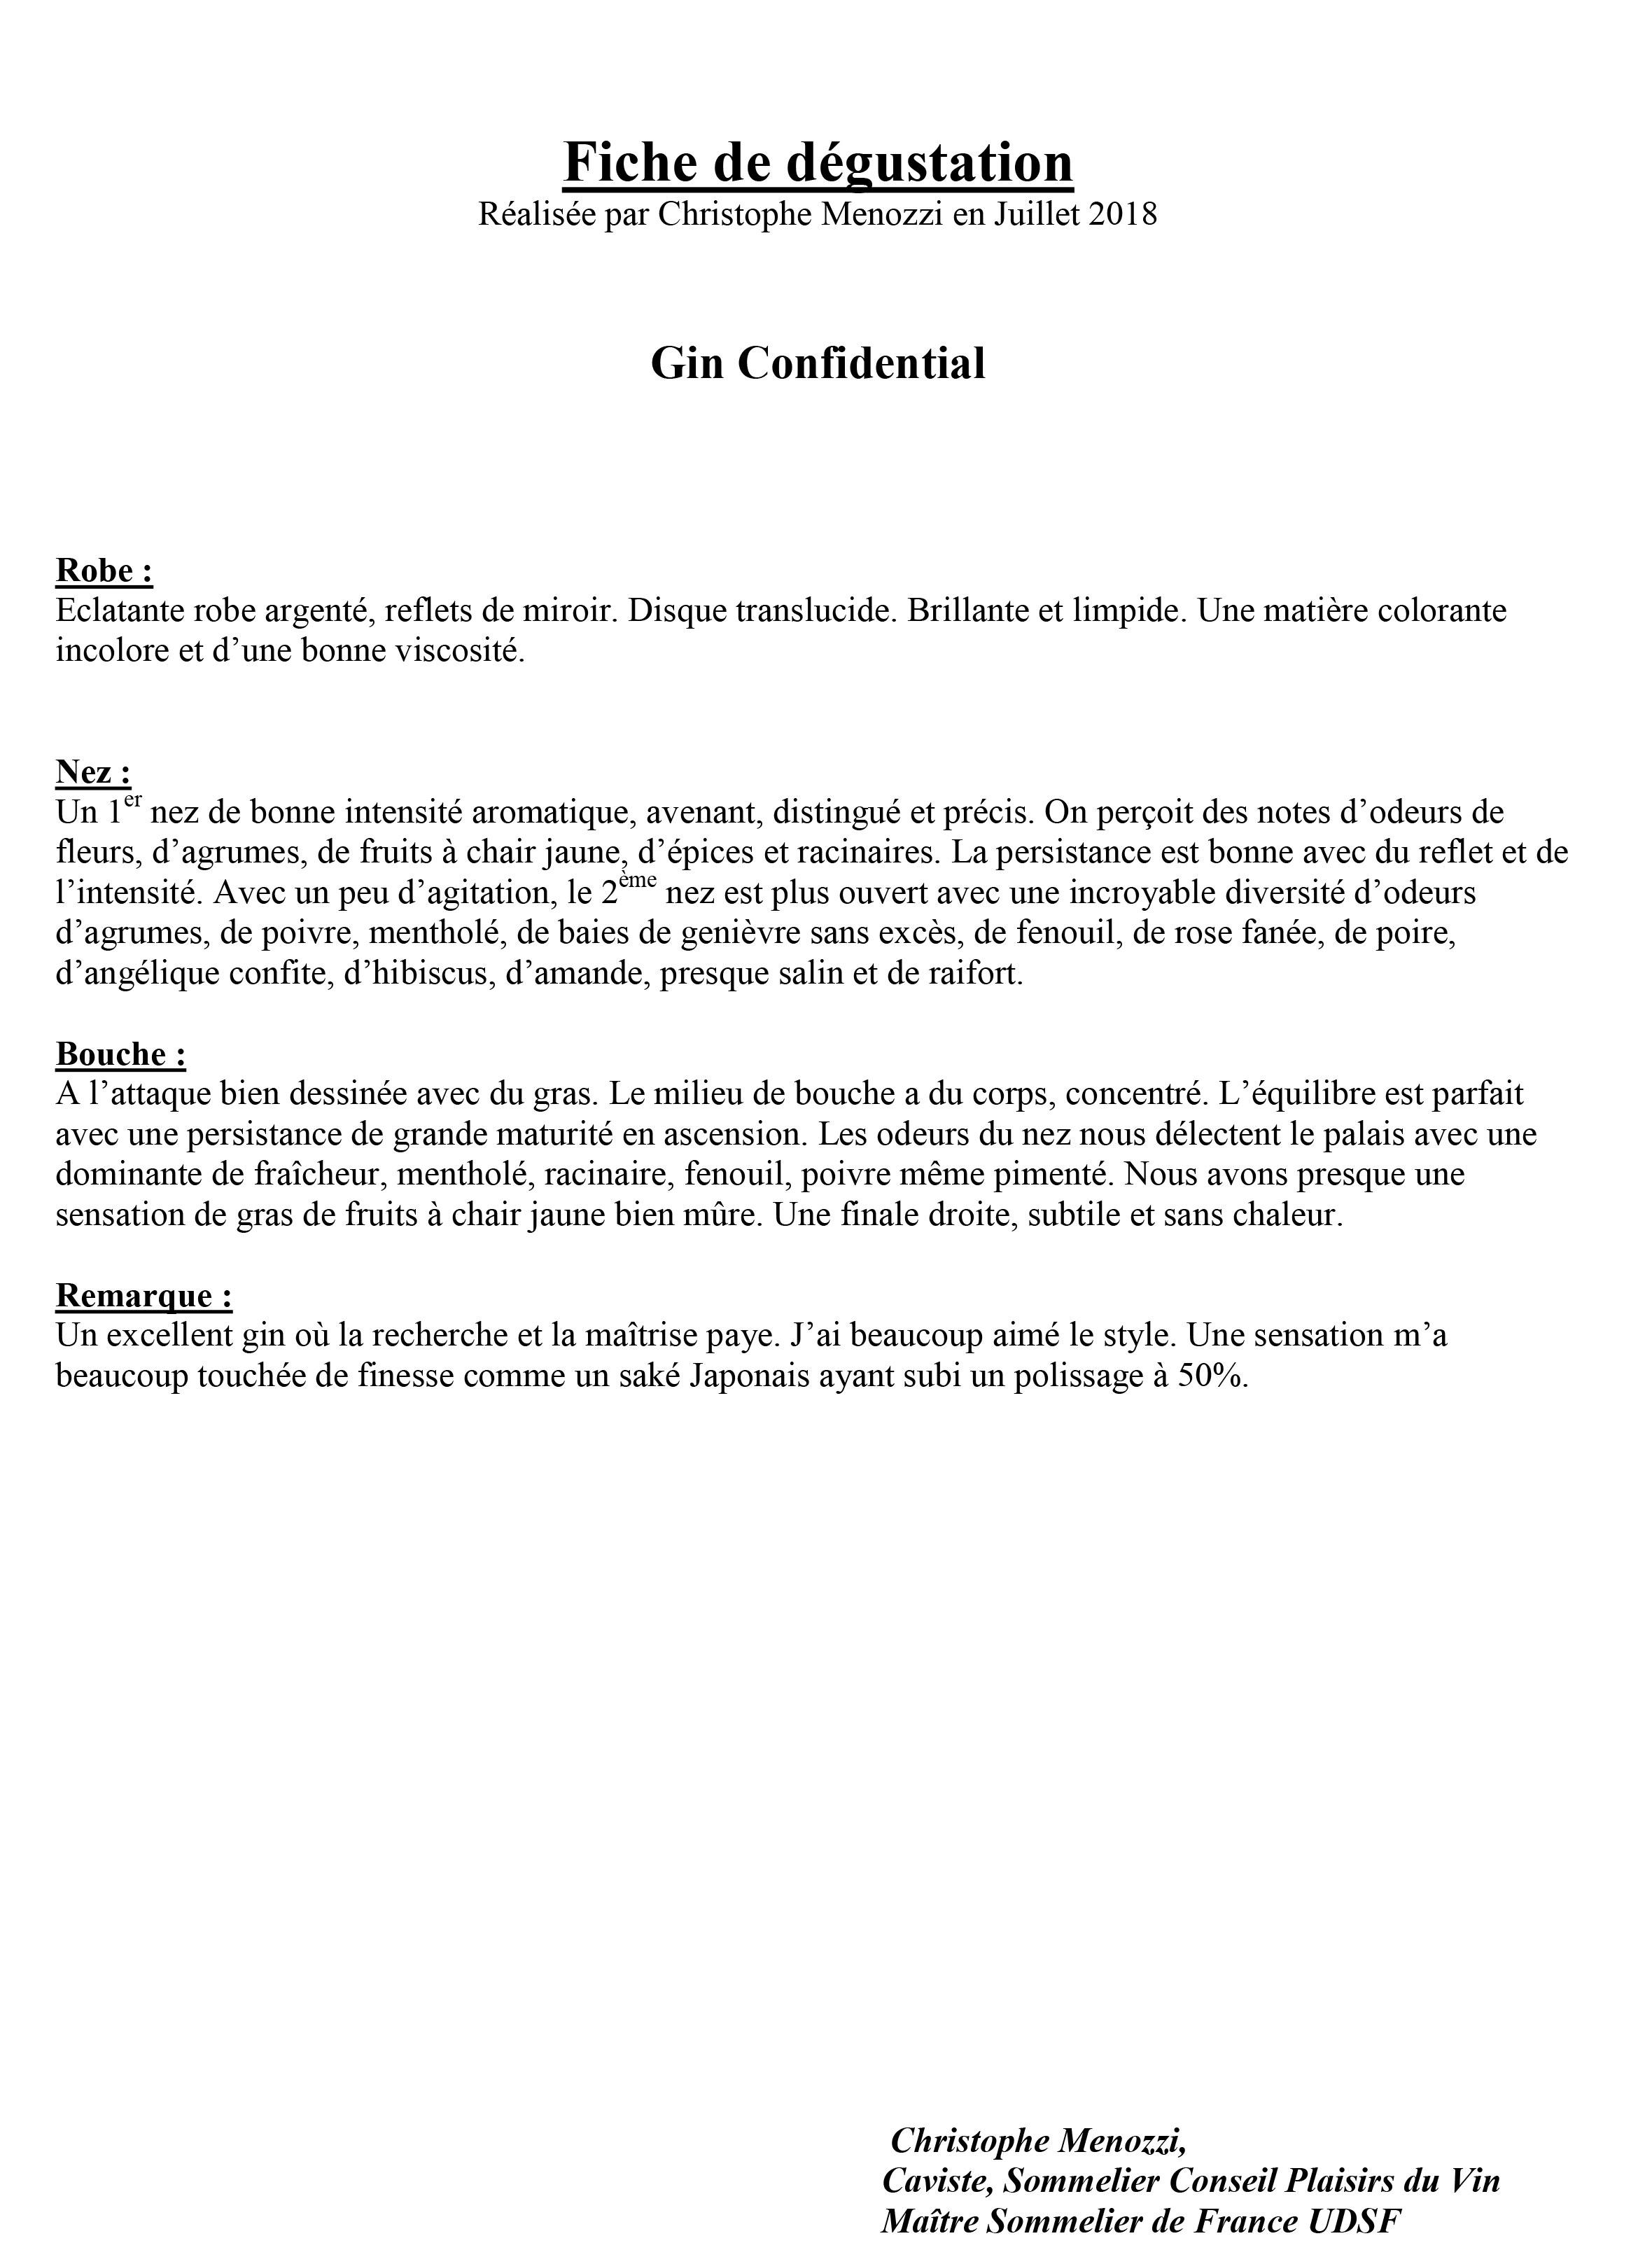 Producteur de gin français-Producteur de gin français- gin confidential-parutions presse gin confidential